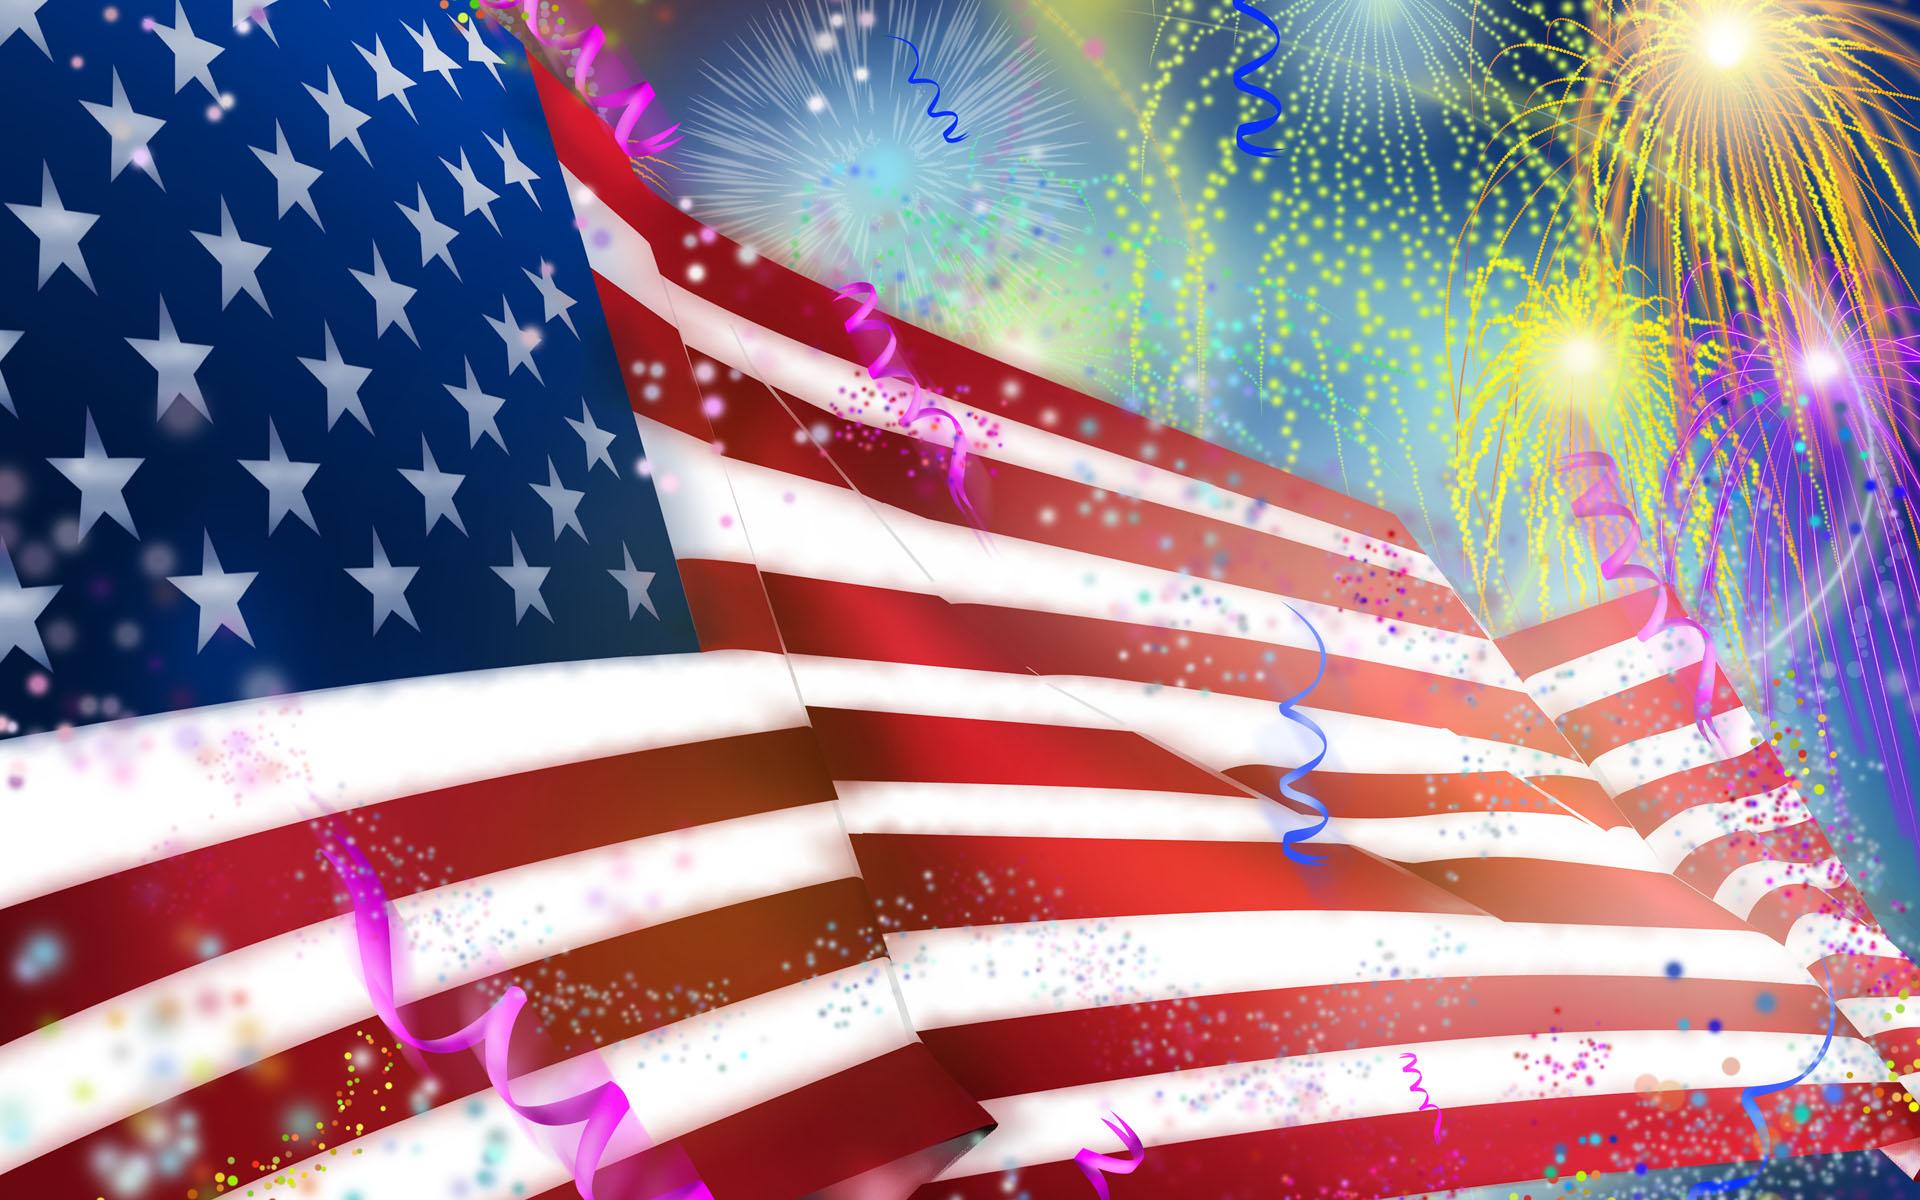 Hd Usa Flag Iphone Wallpapers Pixelstalk Net